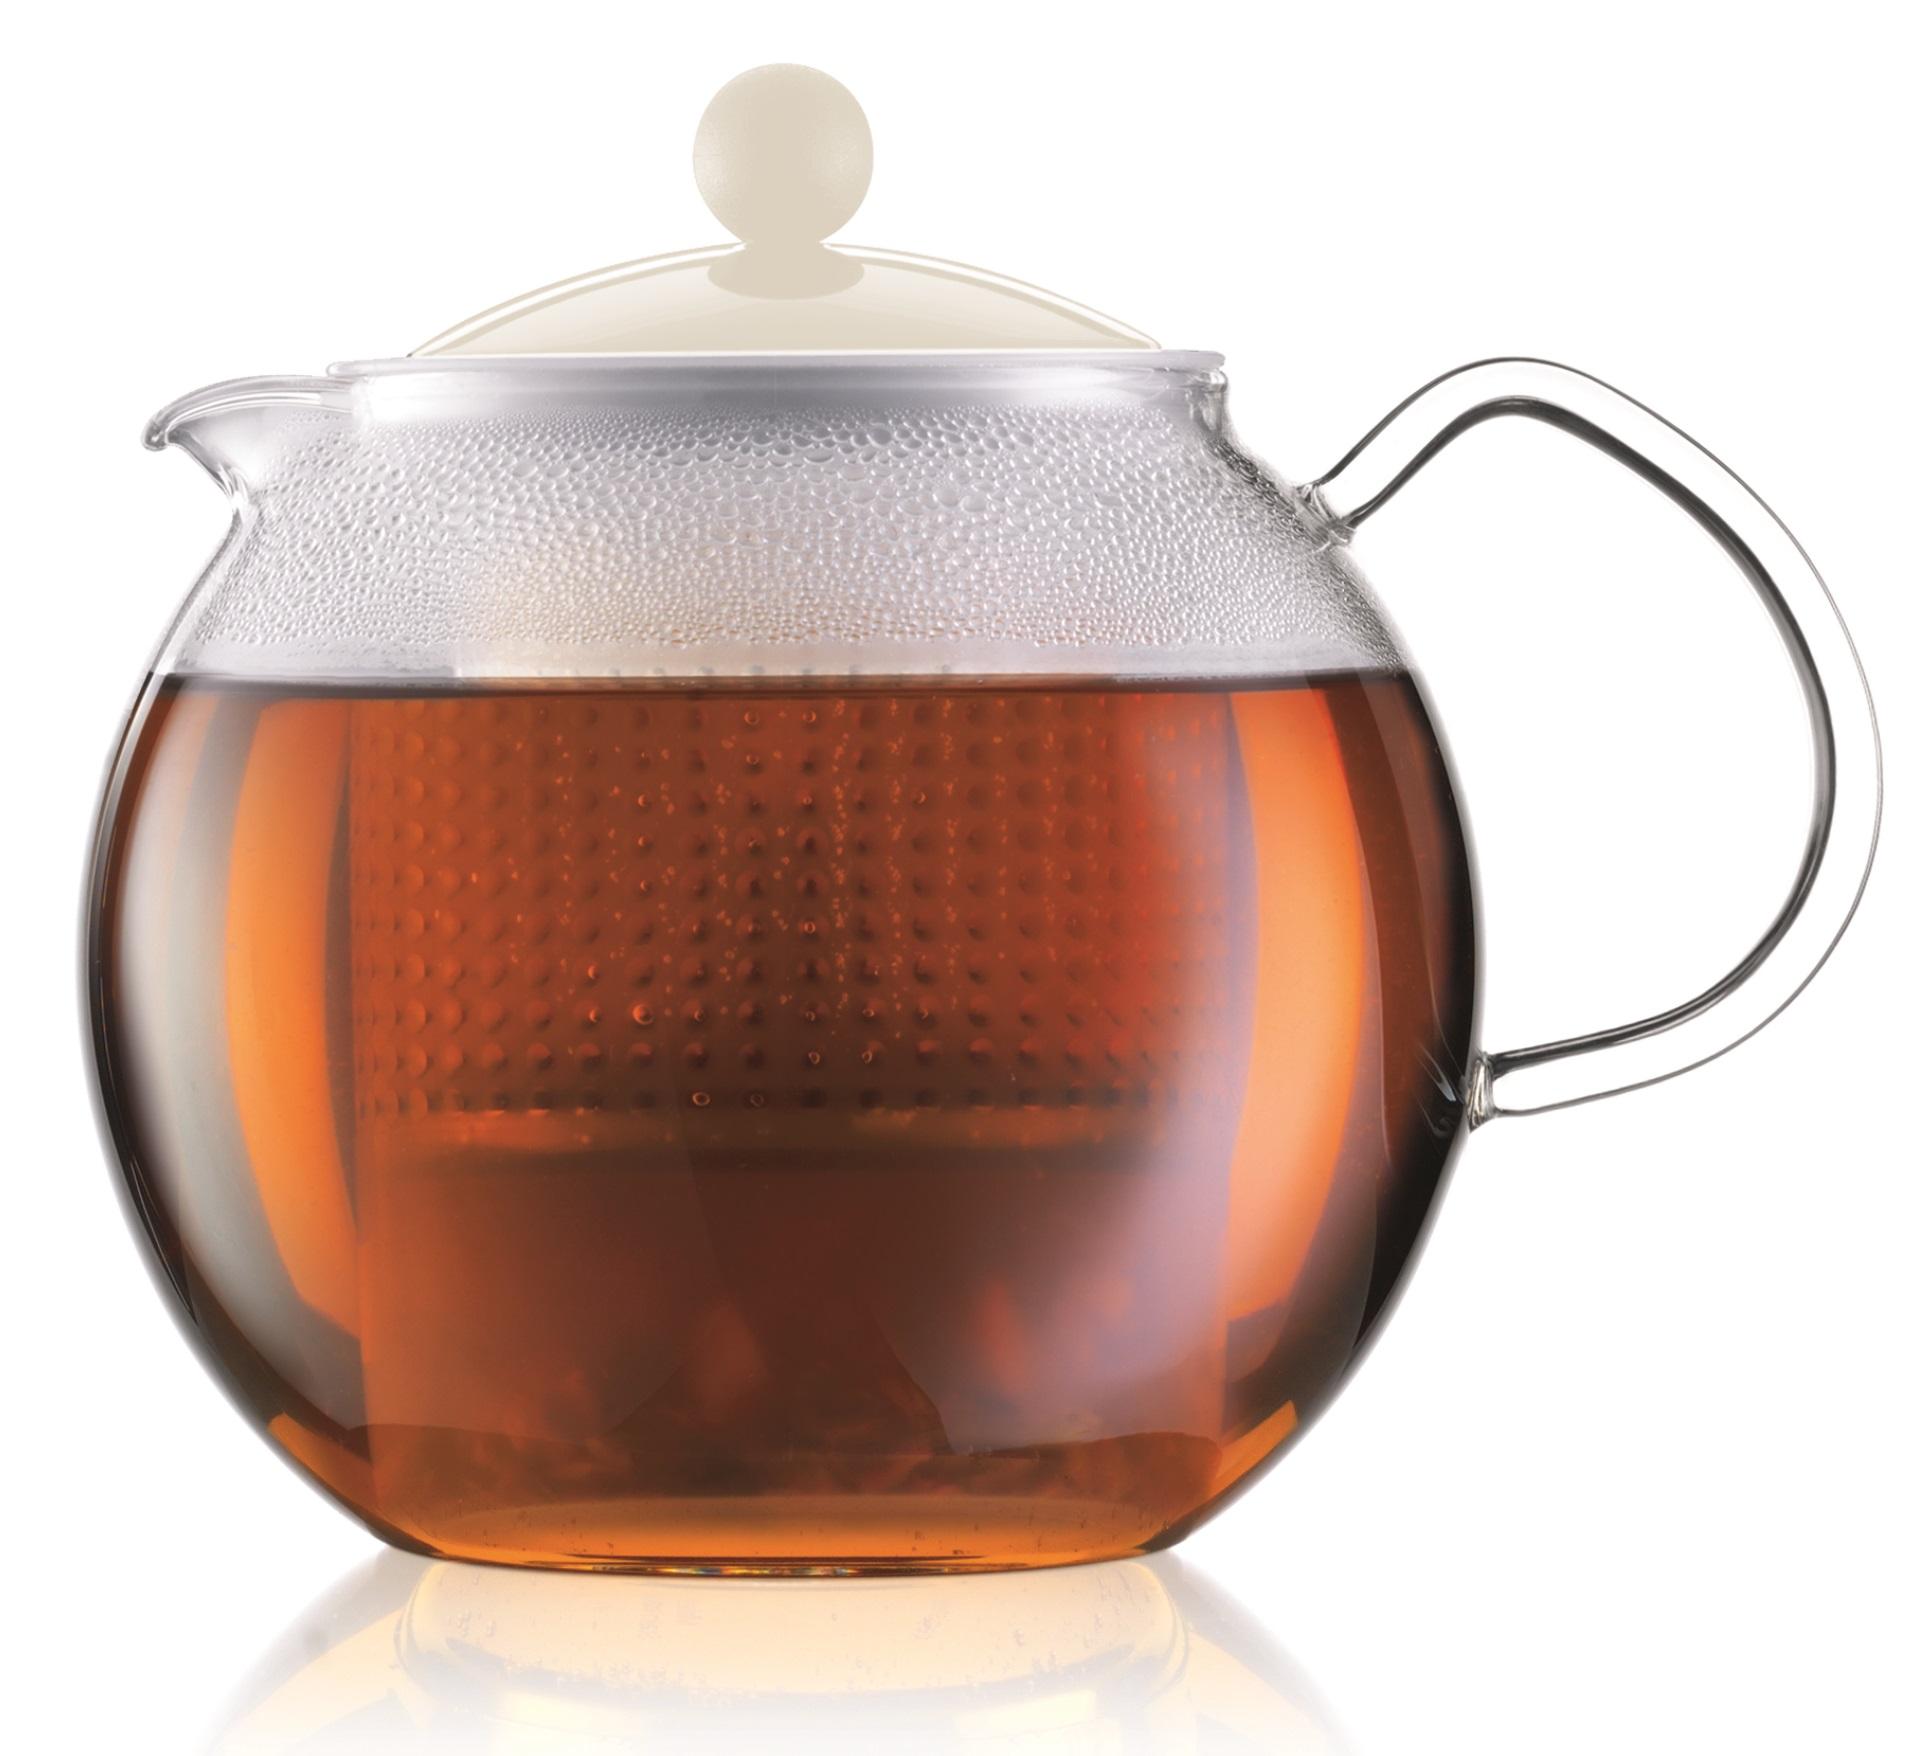 Bodum Theepot Assam Wit 1.5 Liter